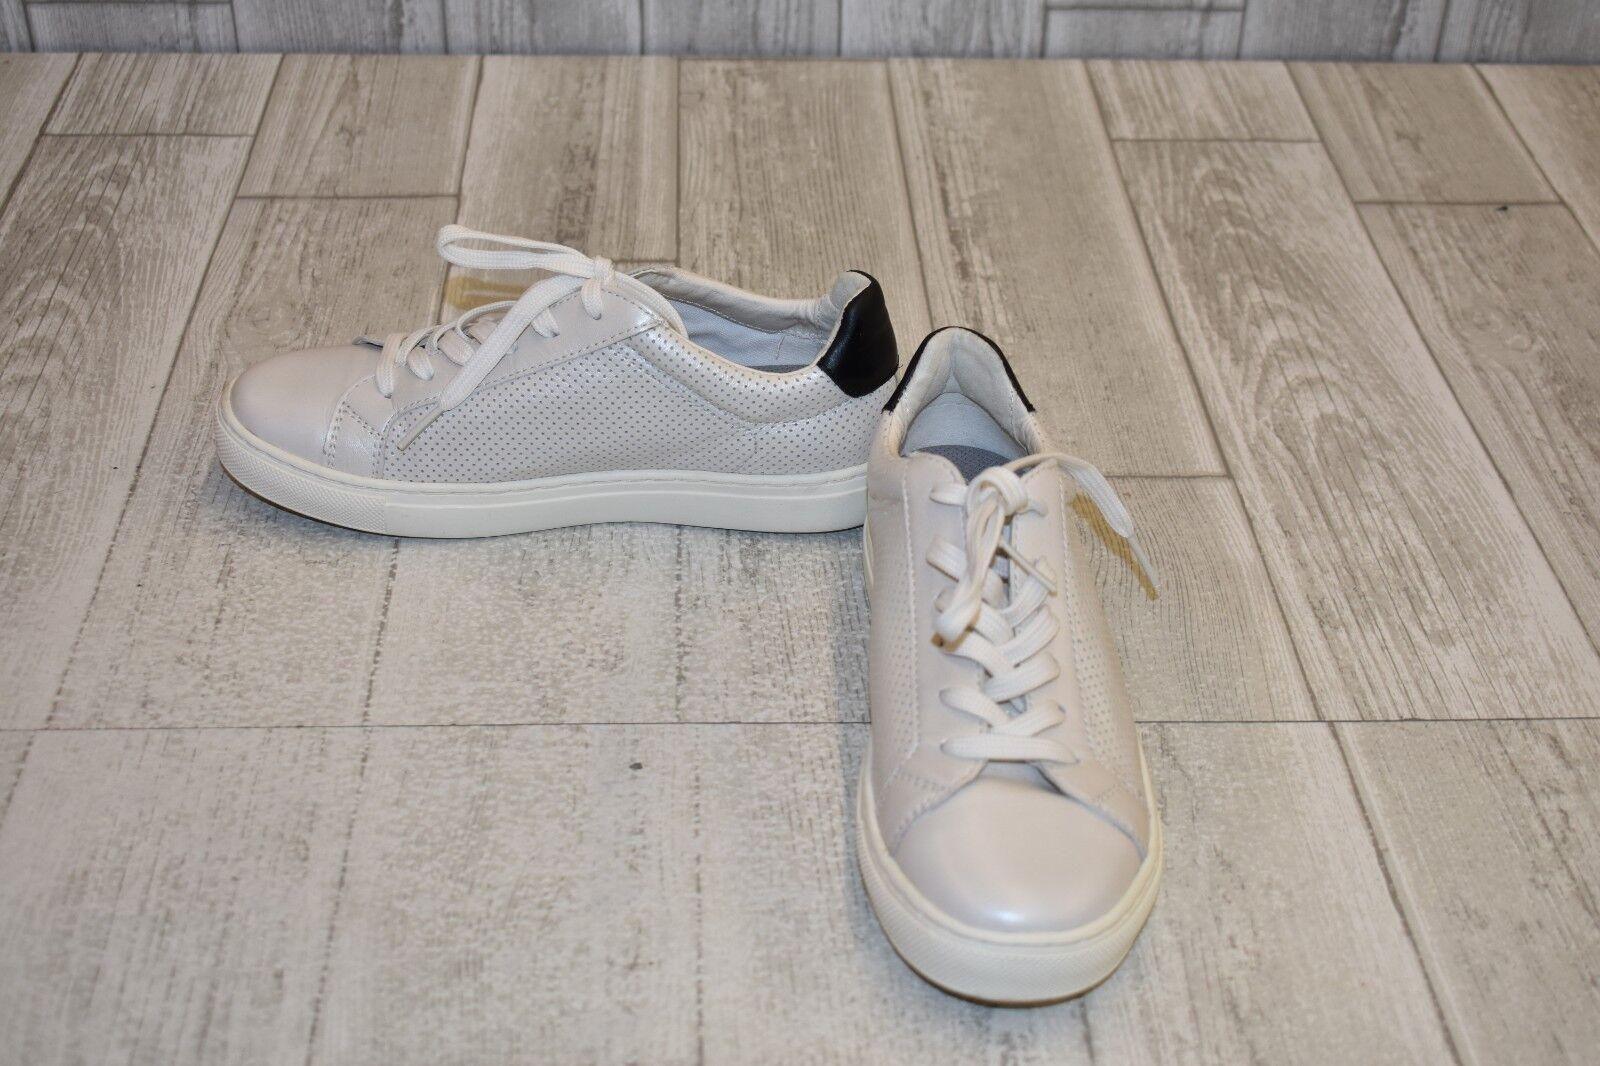 gran descuento Geox W trysure 1 Zapatillas, para mujer blancooo blancooo blancooo  online barato